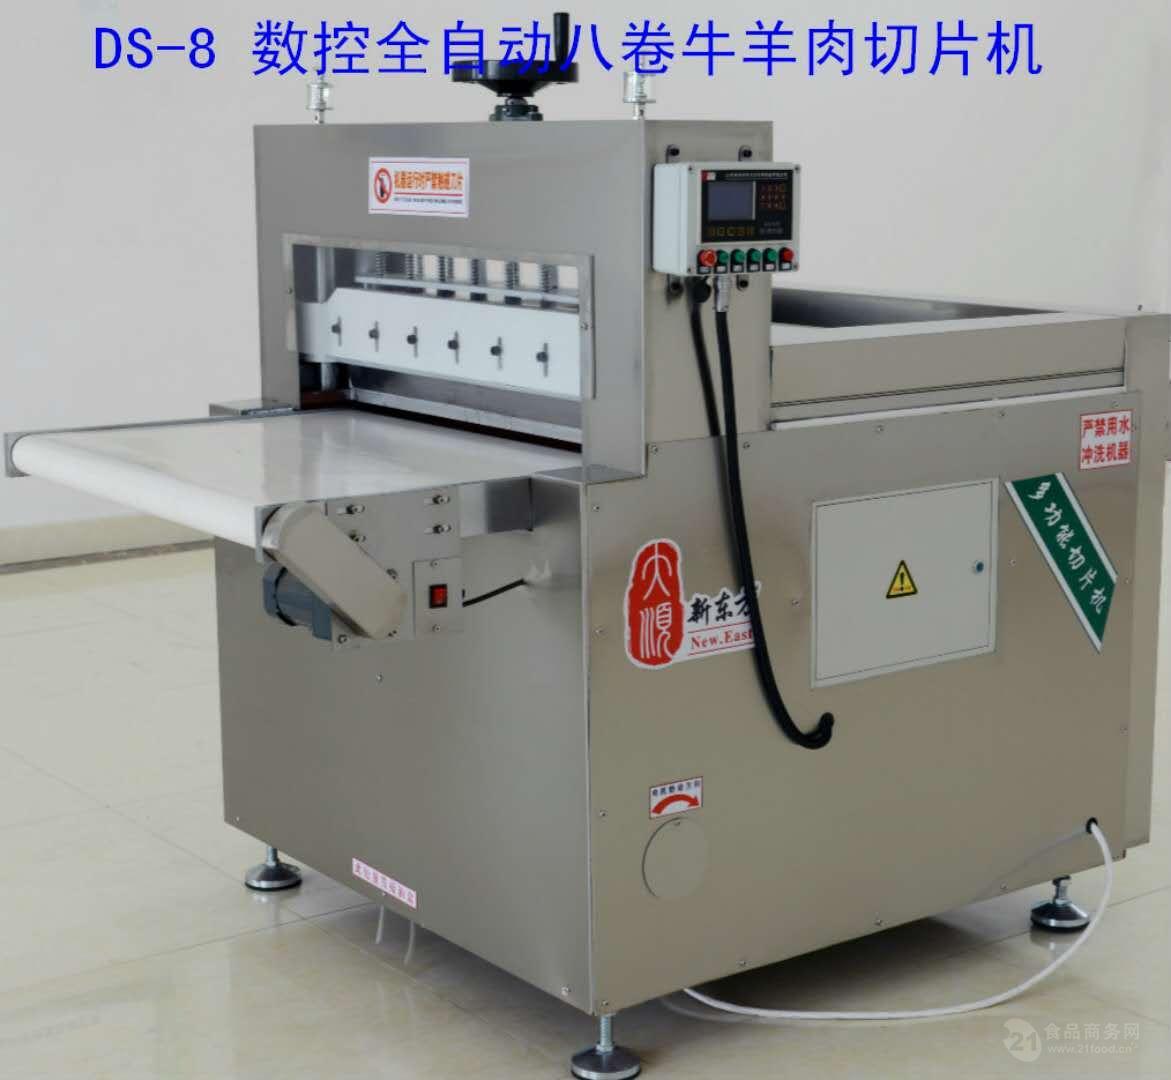 大顺新东方DS-8数控全自动8卷牛羊肉切片机